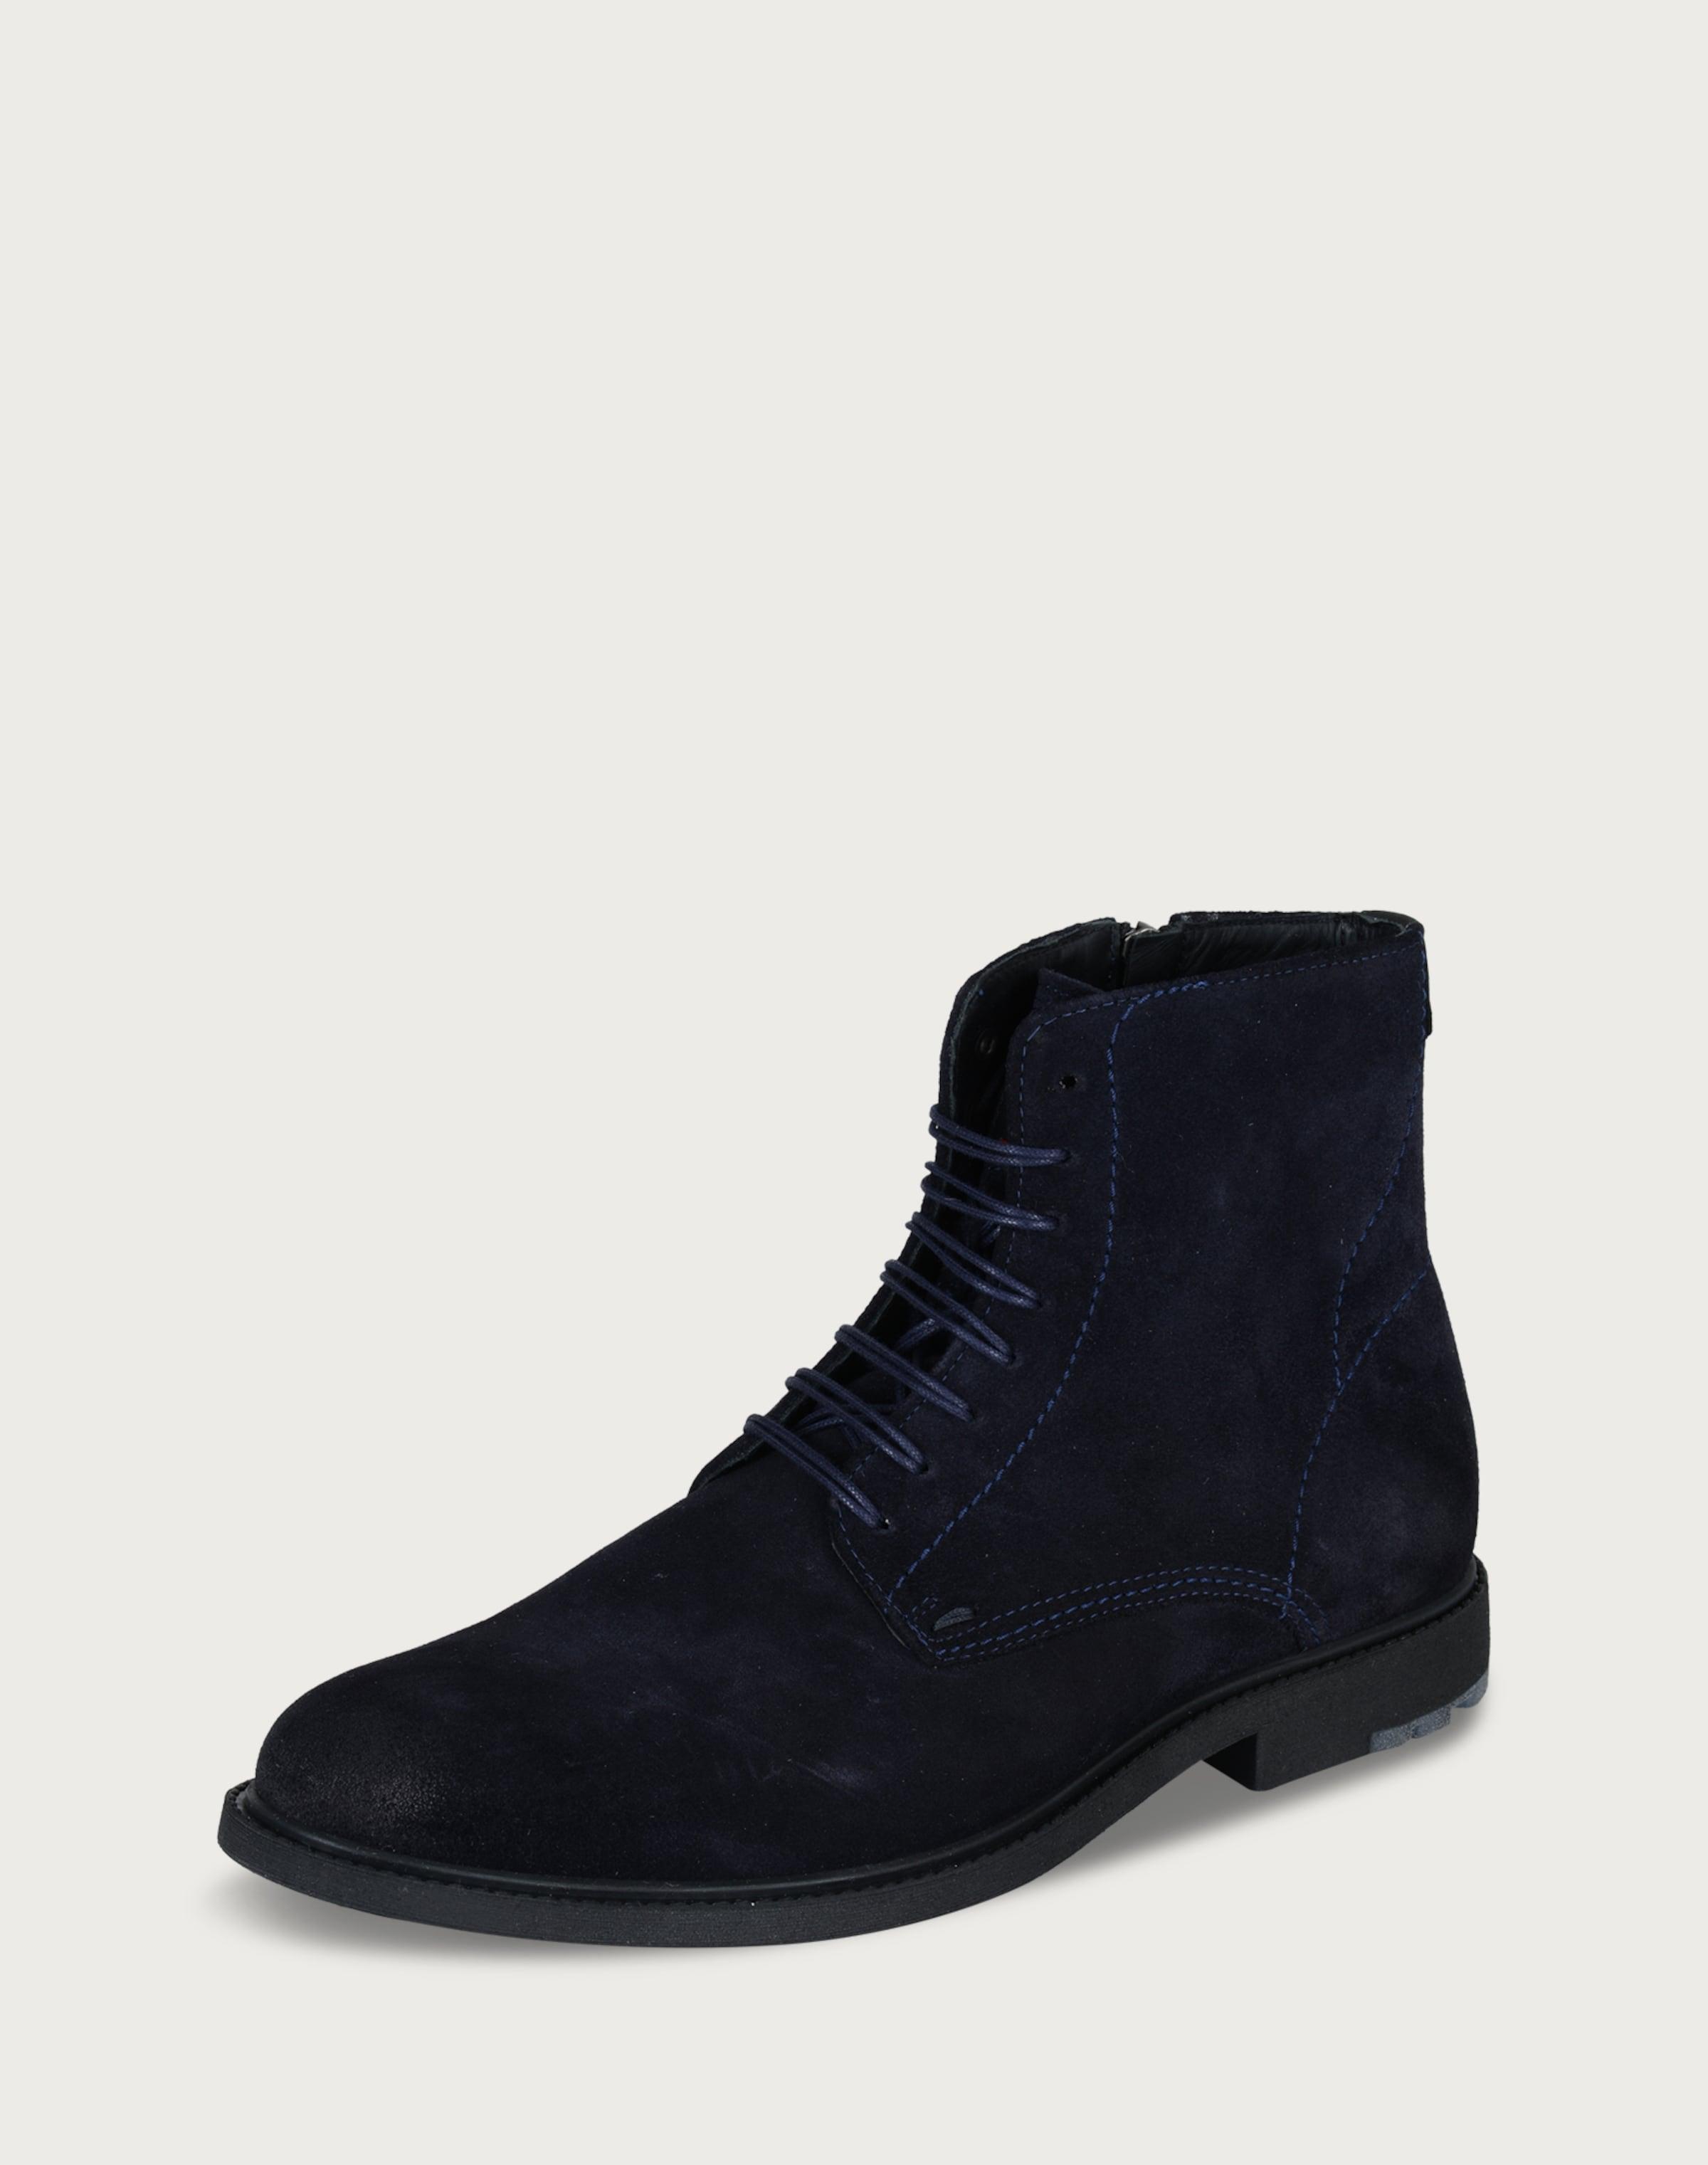 Haltbare Mode Schuhe billige Schuhe BOSS | Schnürboots 'Cultroot' Schuhe Mode Gut getragene Schuhe 2e33e4